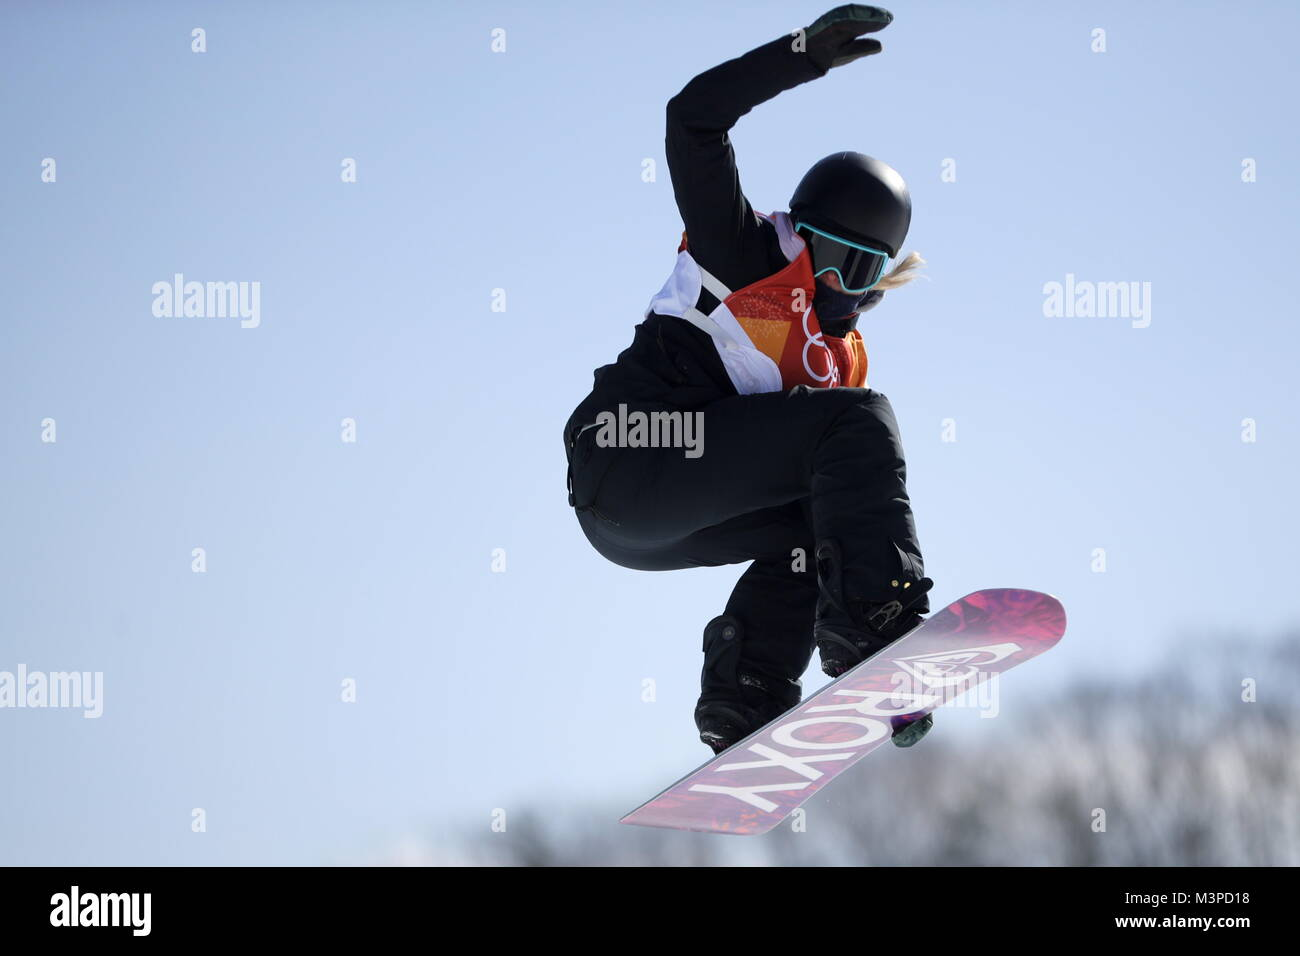 Pyeongchang, South Korea. 12th Feb, 2018. PYEONGCHANG, SOUTH KOREA - FEBRUARY 11, 2018: Snowboarder Sofyoa Fyodorova, - Stock Image